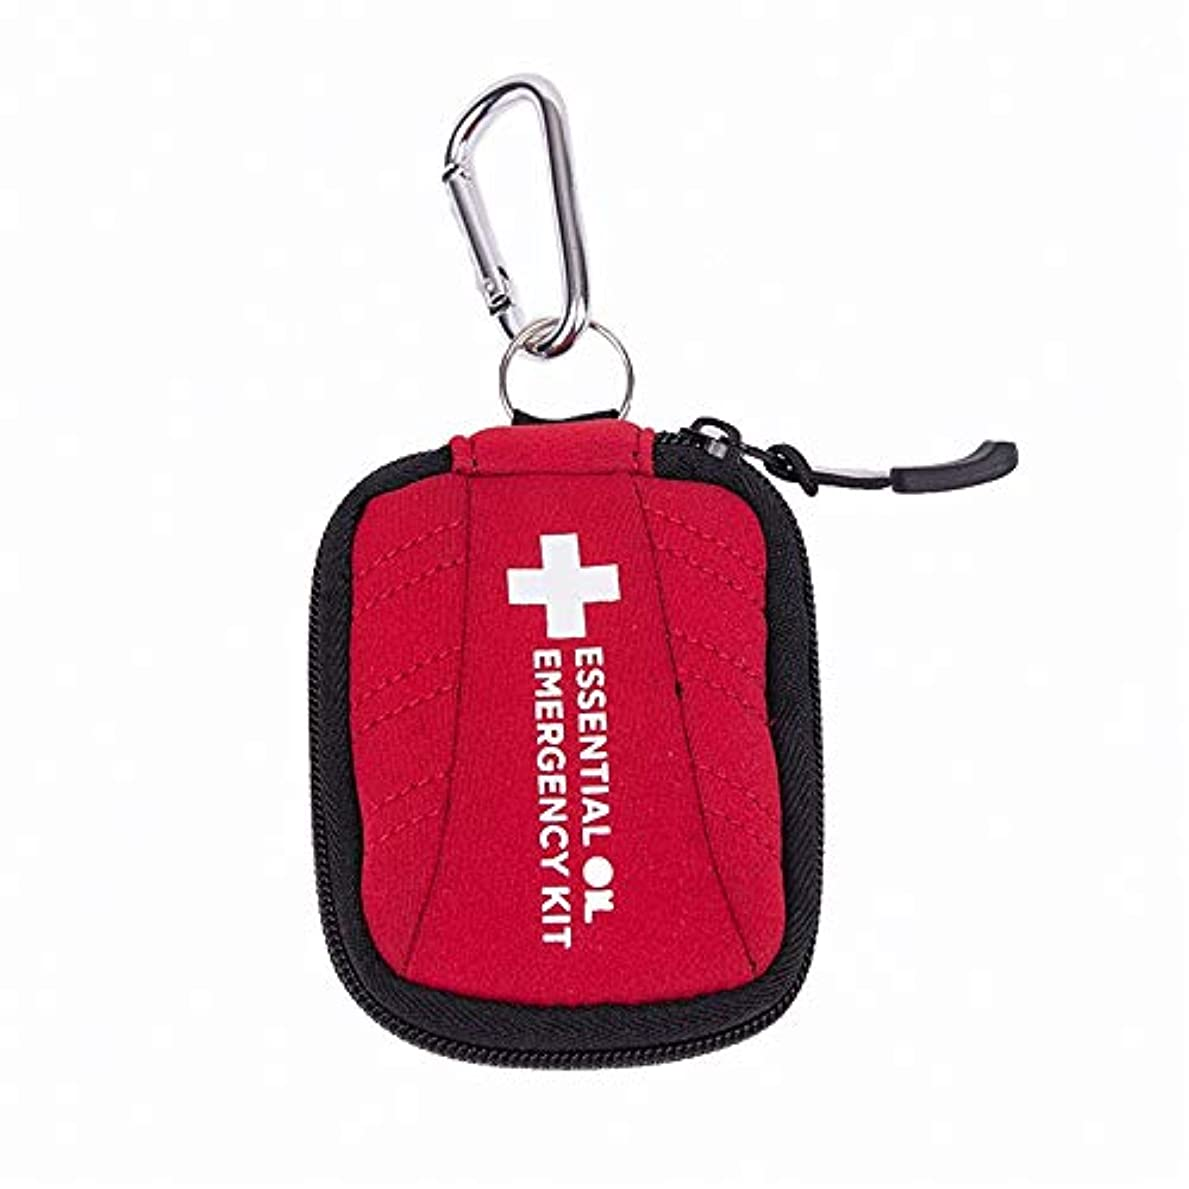 思慮のない贅沢セール精油ケース 旅行レッドのために2mlのバイアルパーフェクトのためのケーストートバッグキャリング16ボトルエッセンシャルオイルダイビング材質 携帯便利 (色 : 赤, サイズ : 11X9X1.5CM)